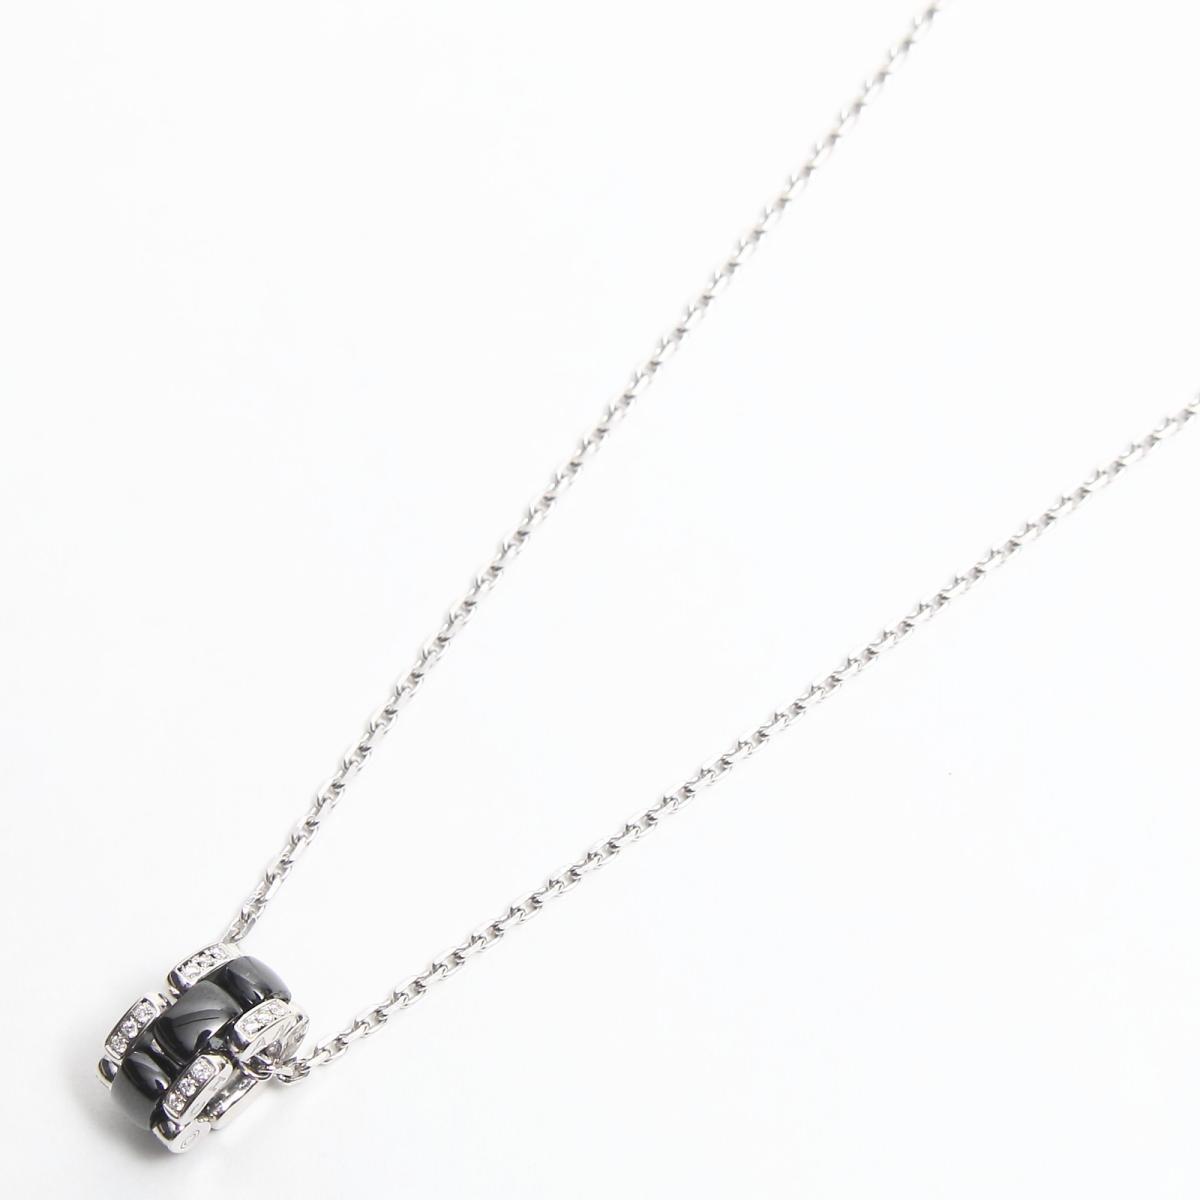 ウルトラ ダイヤモンド ネックレス /おすすめ